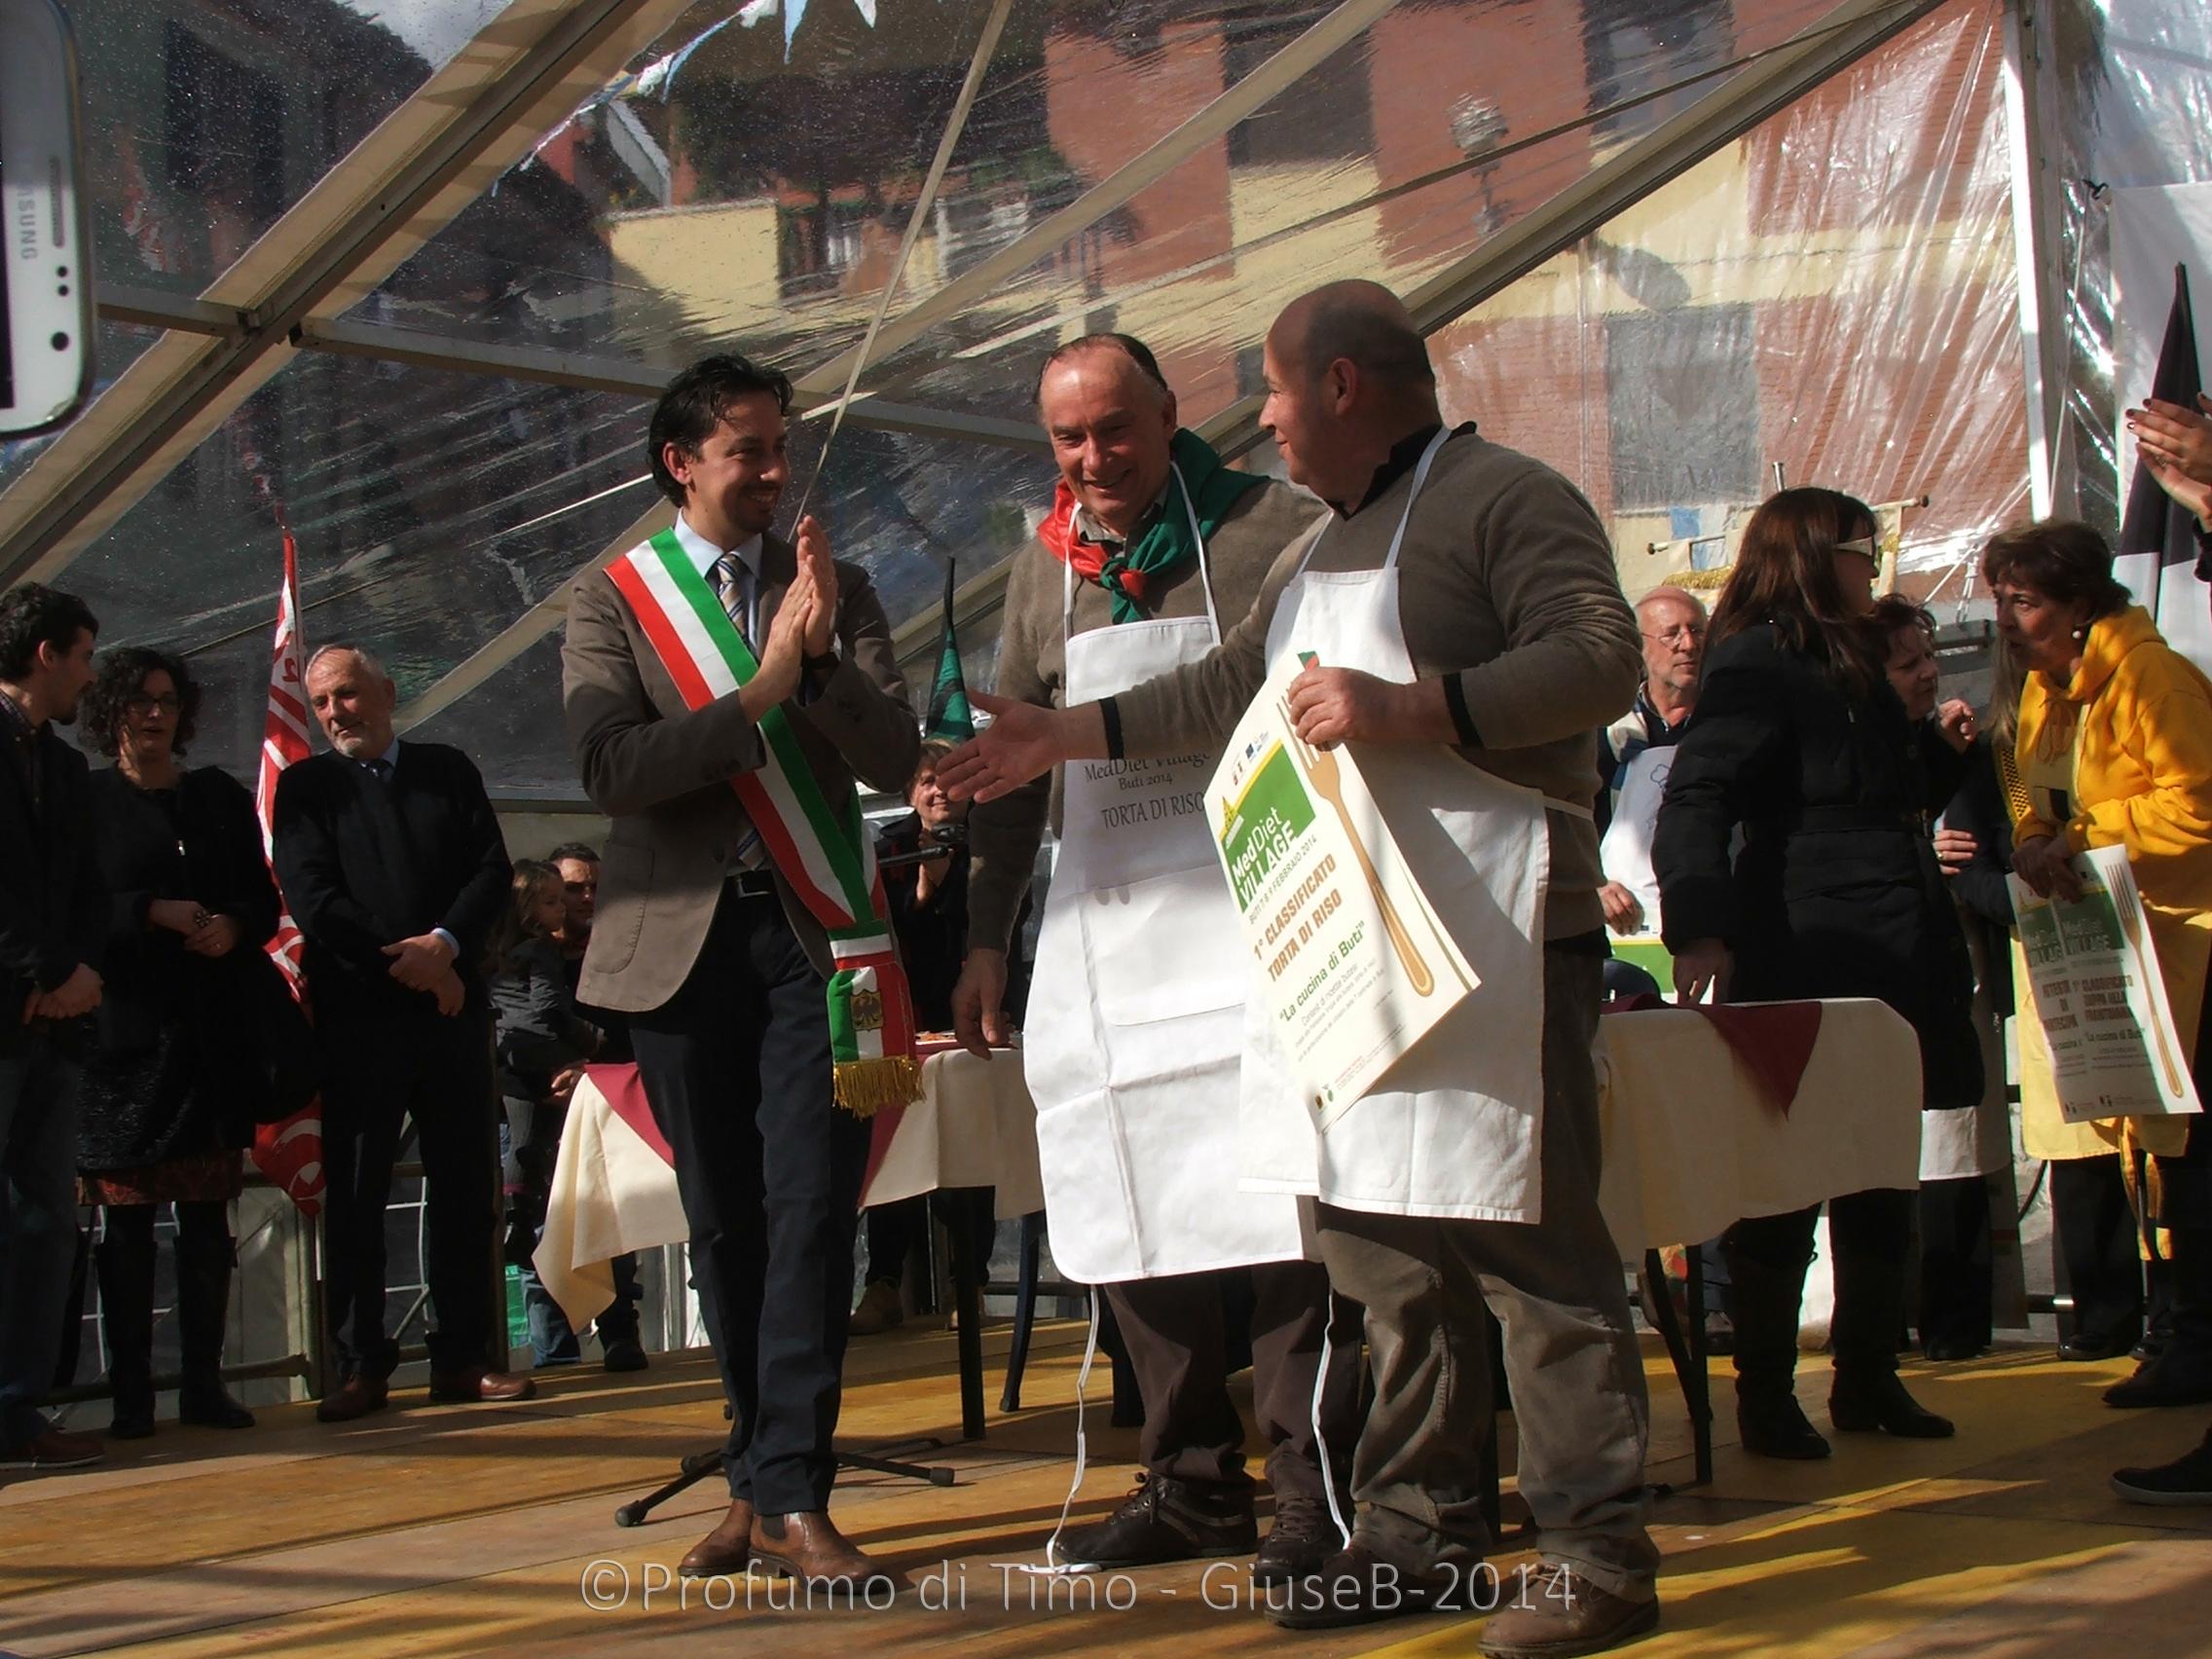 1 classificato TortadiRiso ContradaSanMichele x contest la Cucina di Buti per MeddietVillage 9 febbraio 2014 (61)